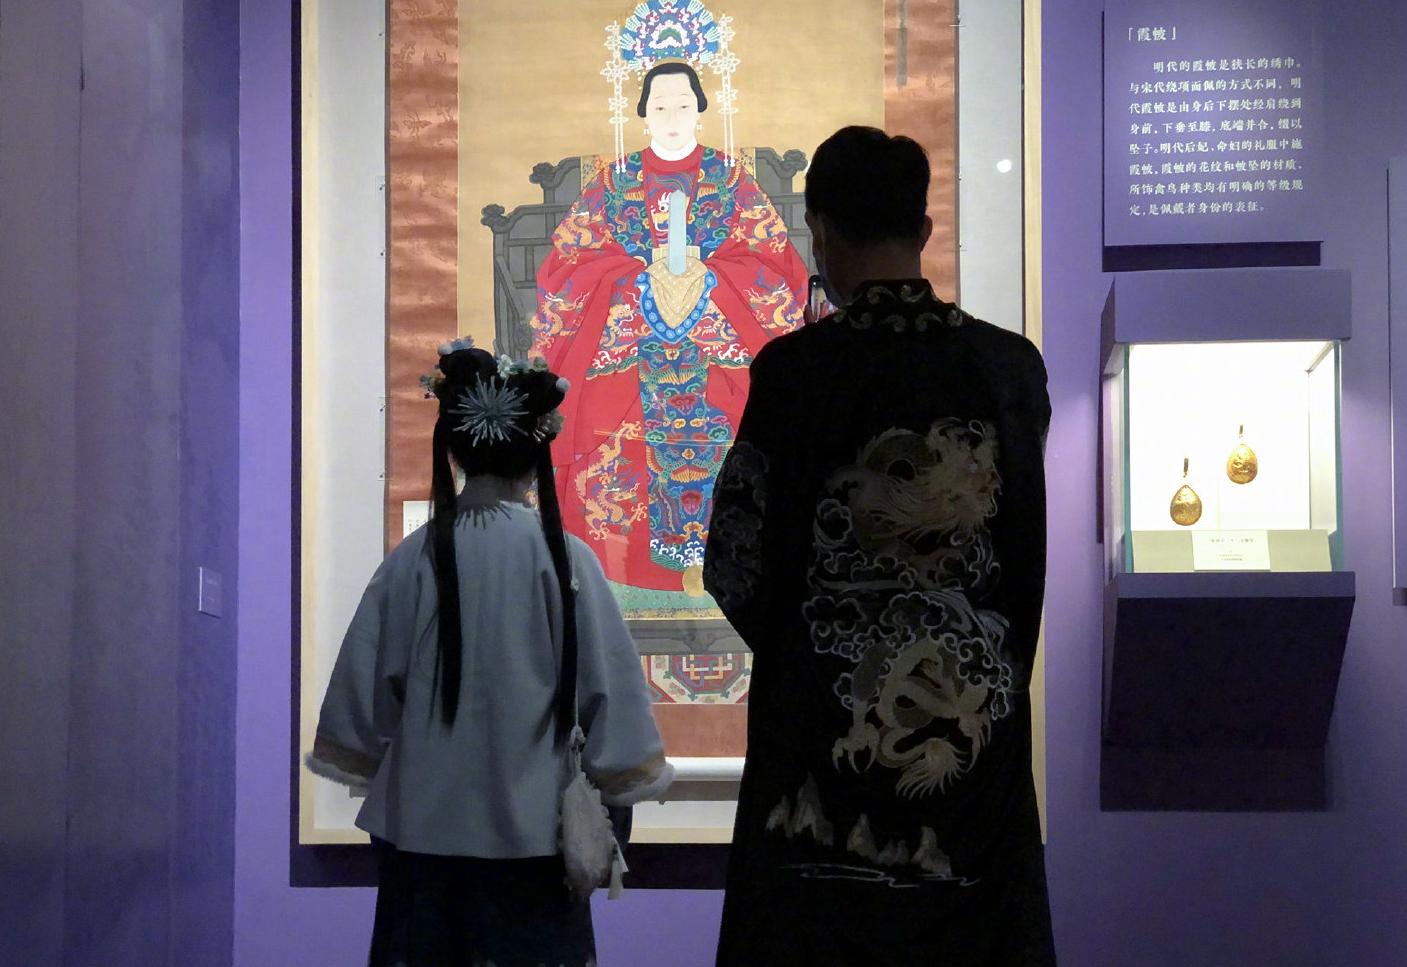 穿着古代服饰到国博看展的观众。图片来自国博官方微博